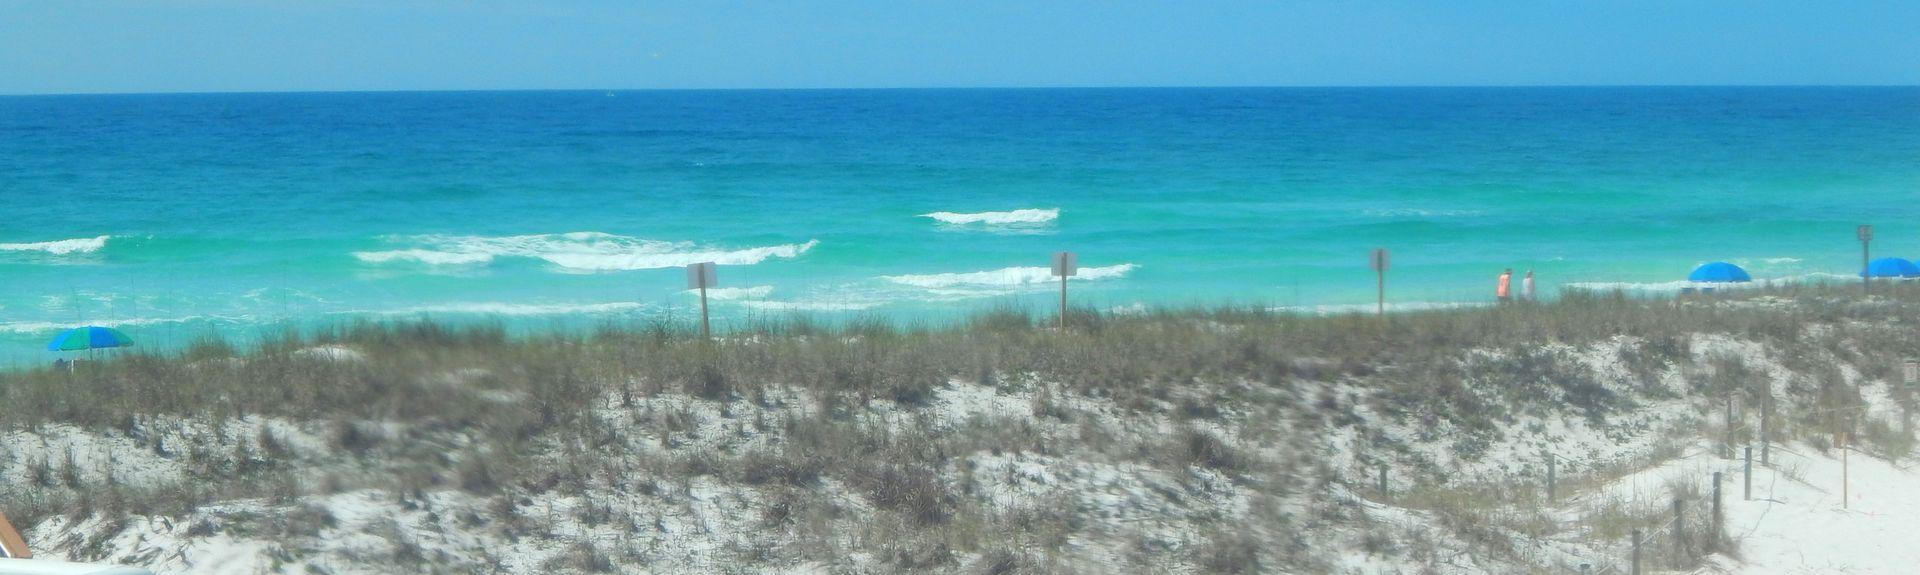 Sandpiper Cove, Holiday Isle, Destin, FL, USA